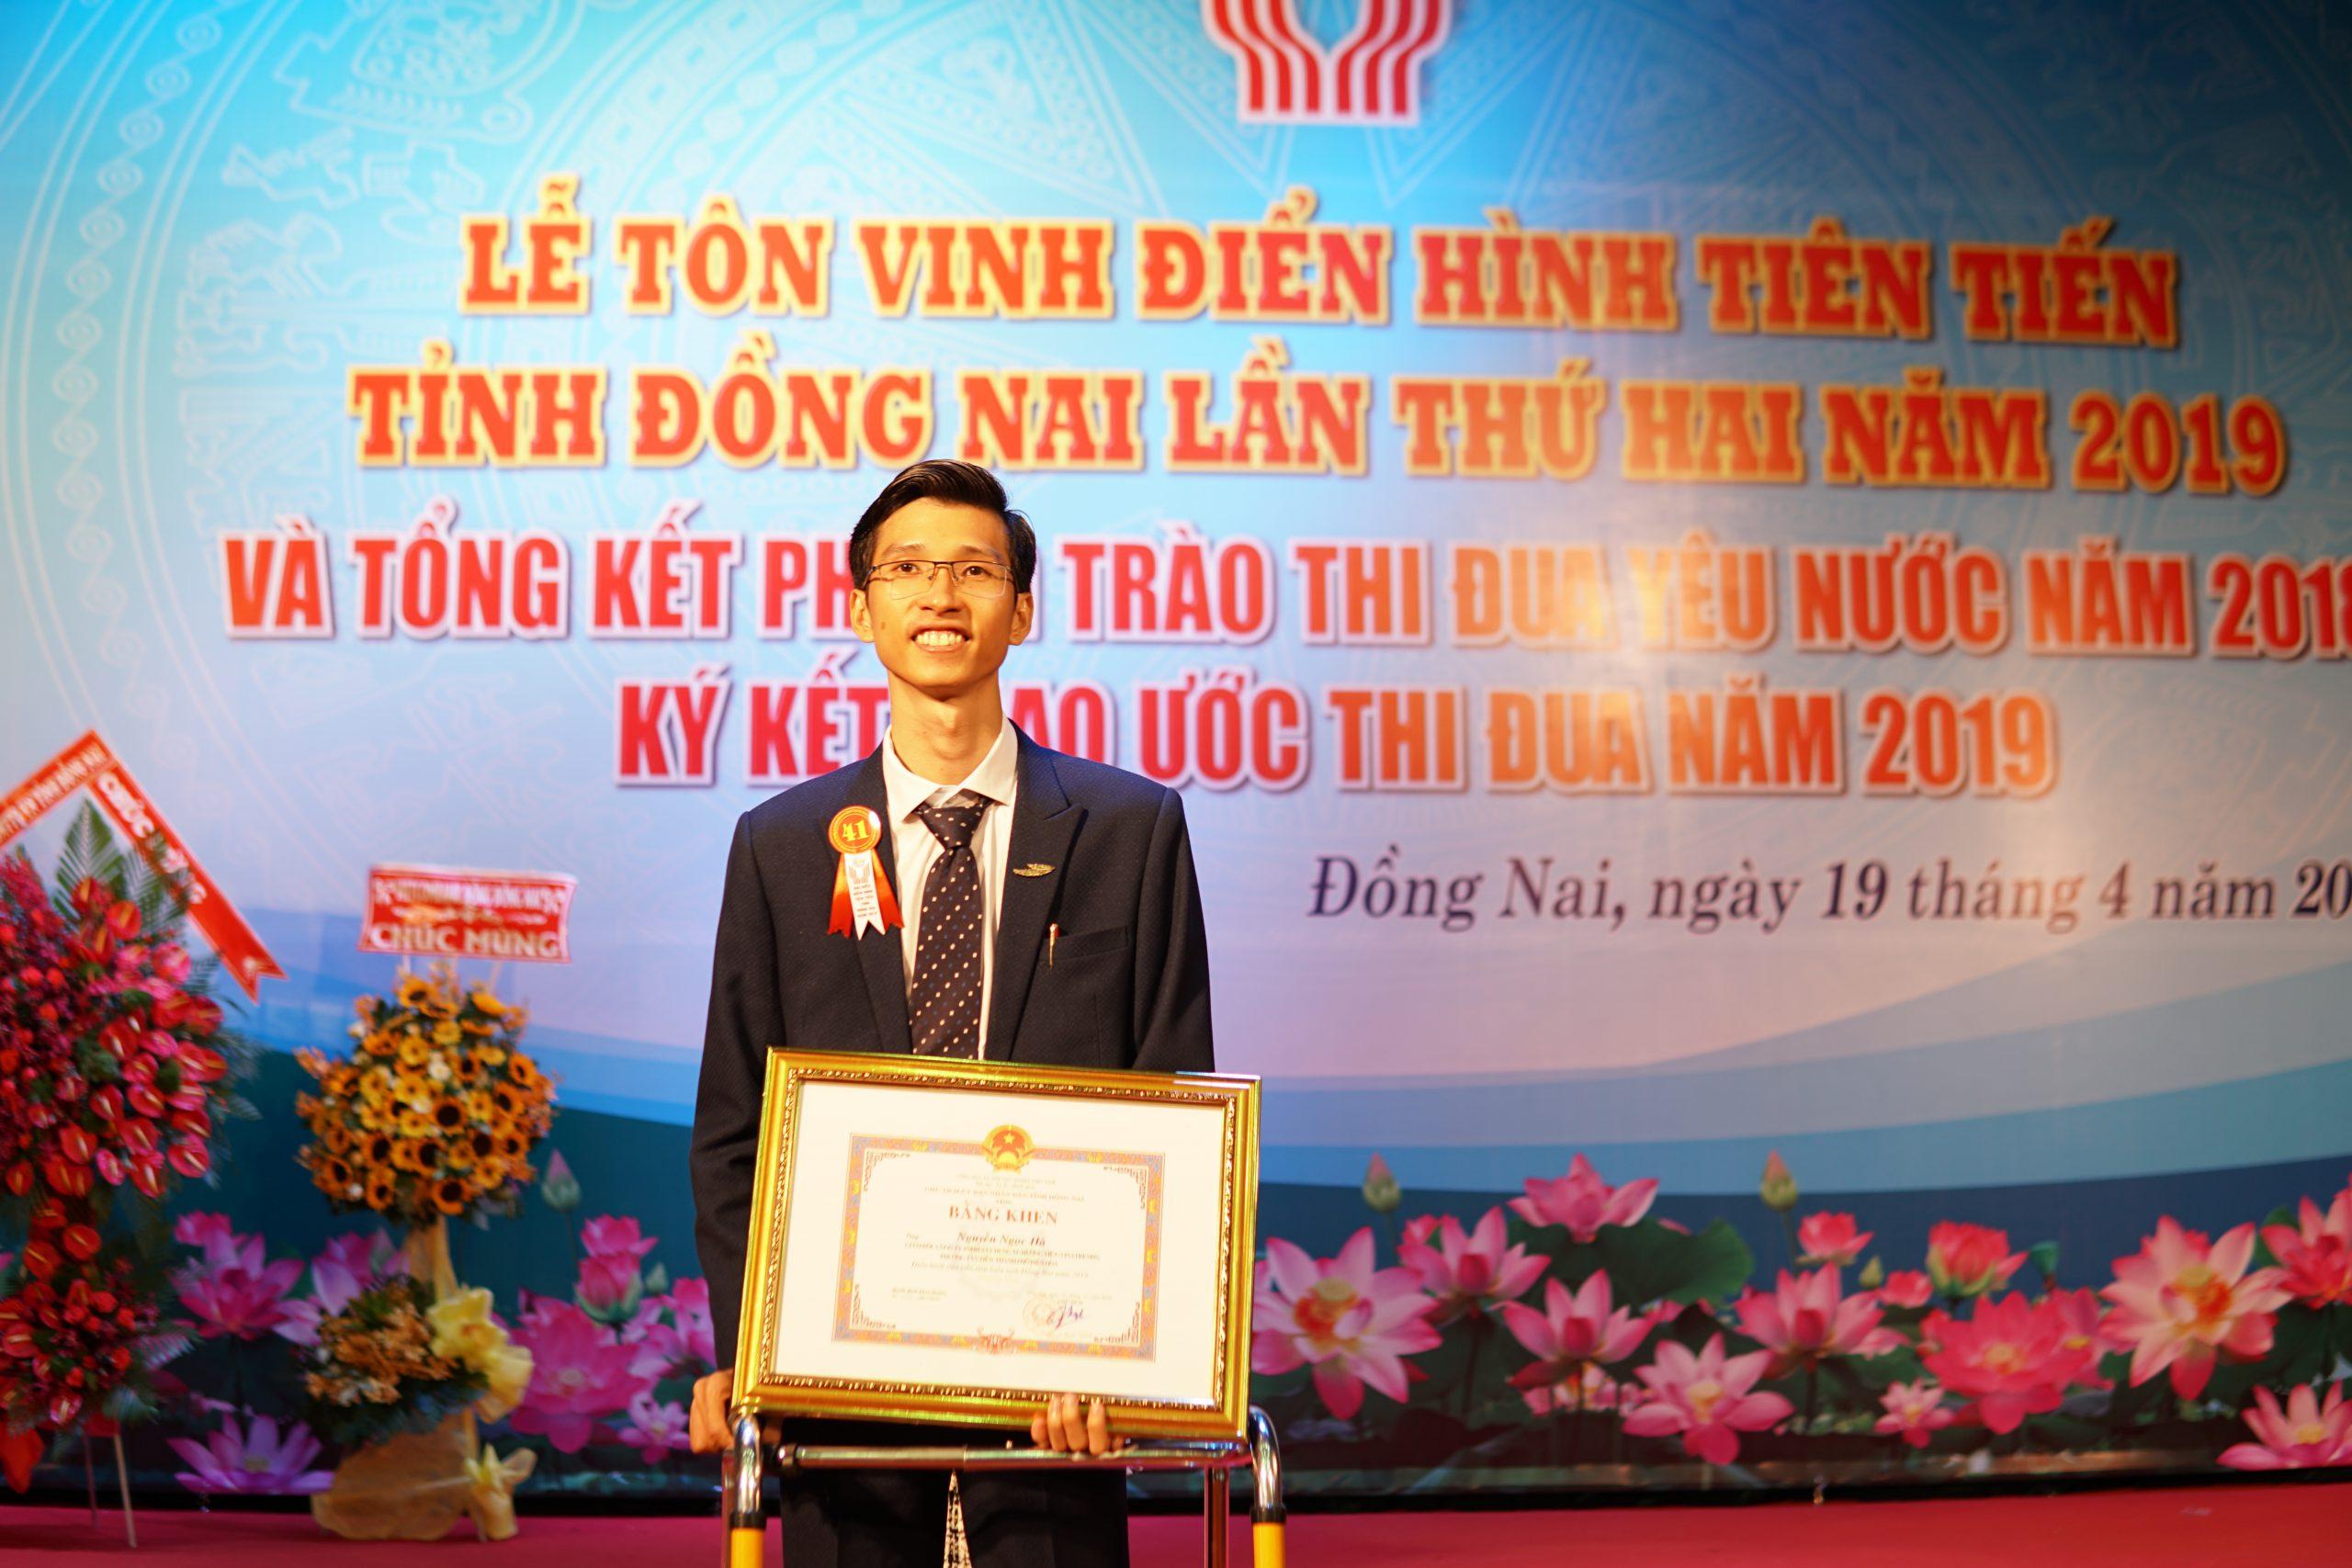 giam doc nguyen ngoc ha vinatrends nhan bang khen ca nhan dien hinh nam 2018 tinh dong nai 11 scaled CEO Nguyễn Hà được tuyên dương điển hình tiên tiến tỉnh Đồng Nai năm 2019